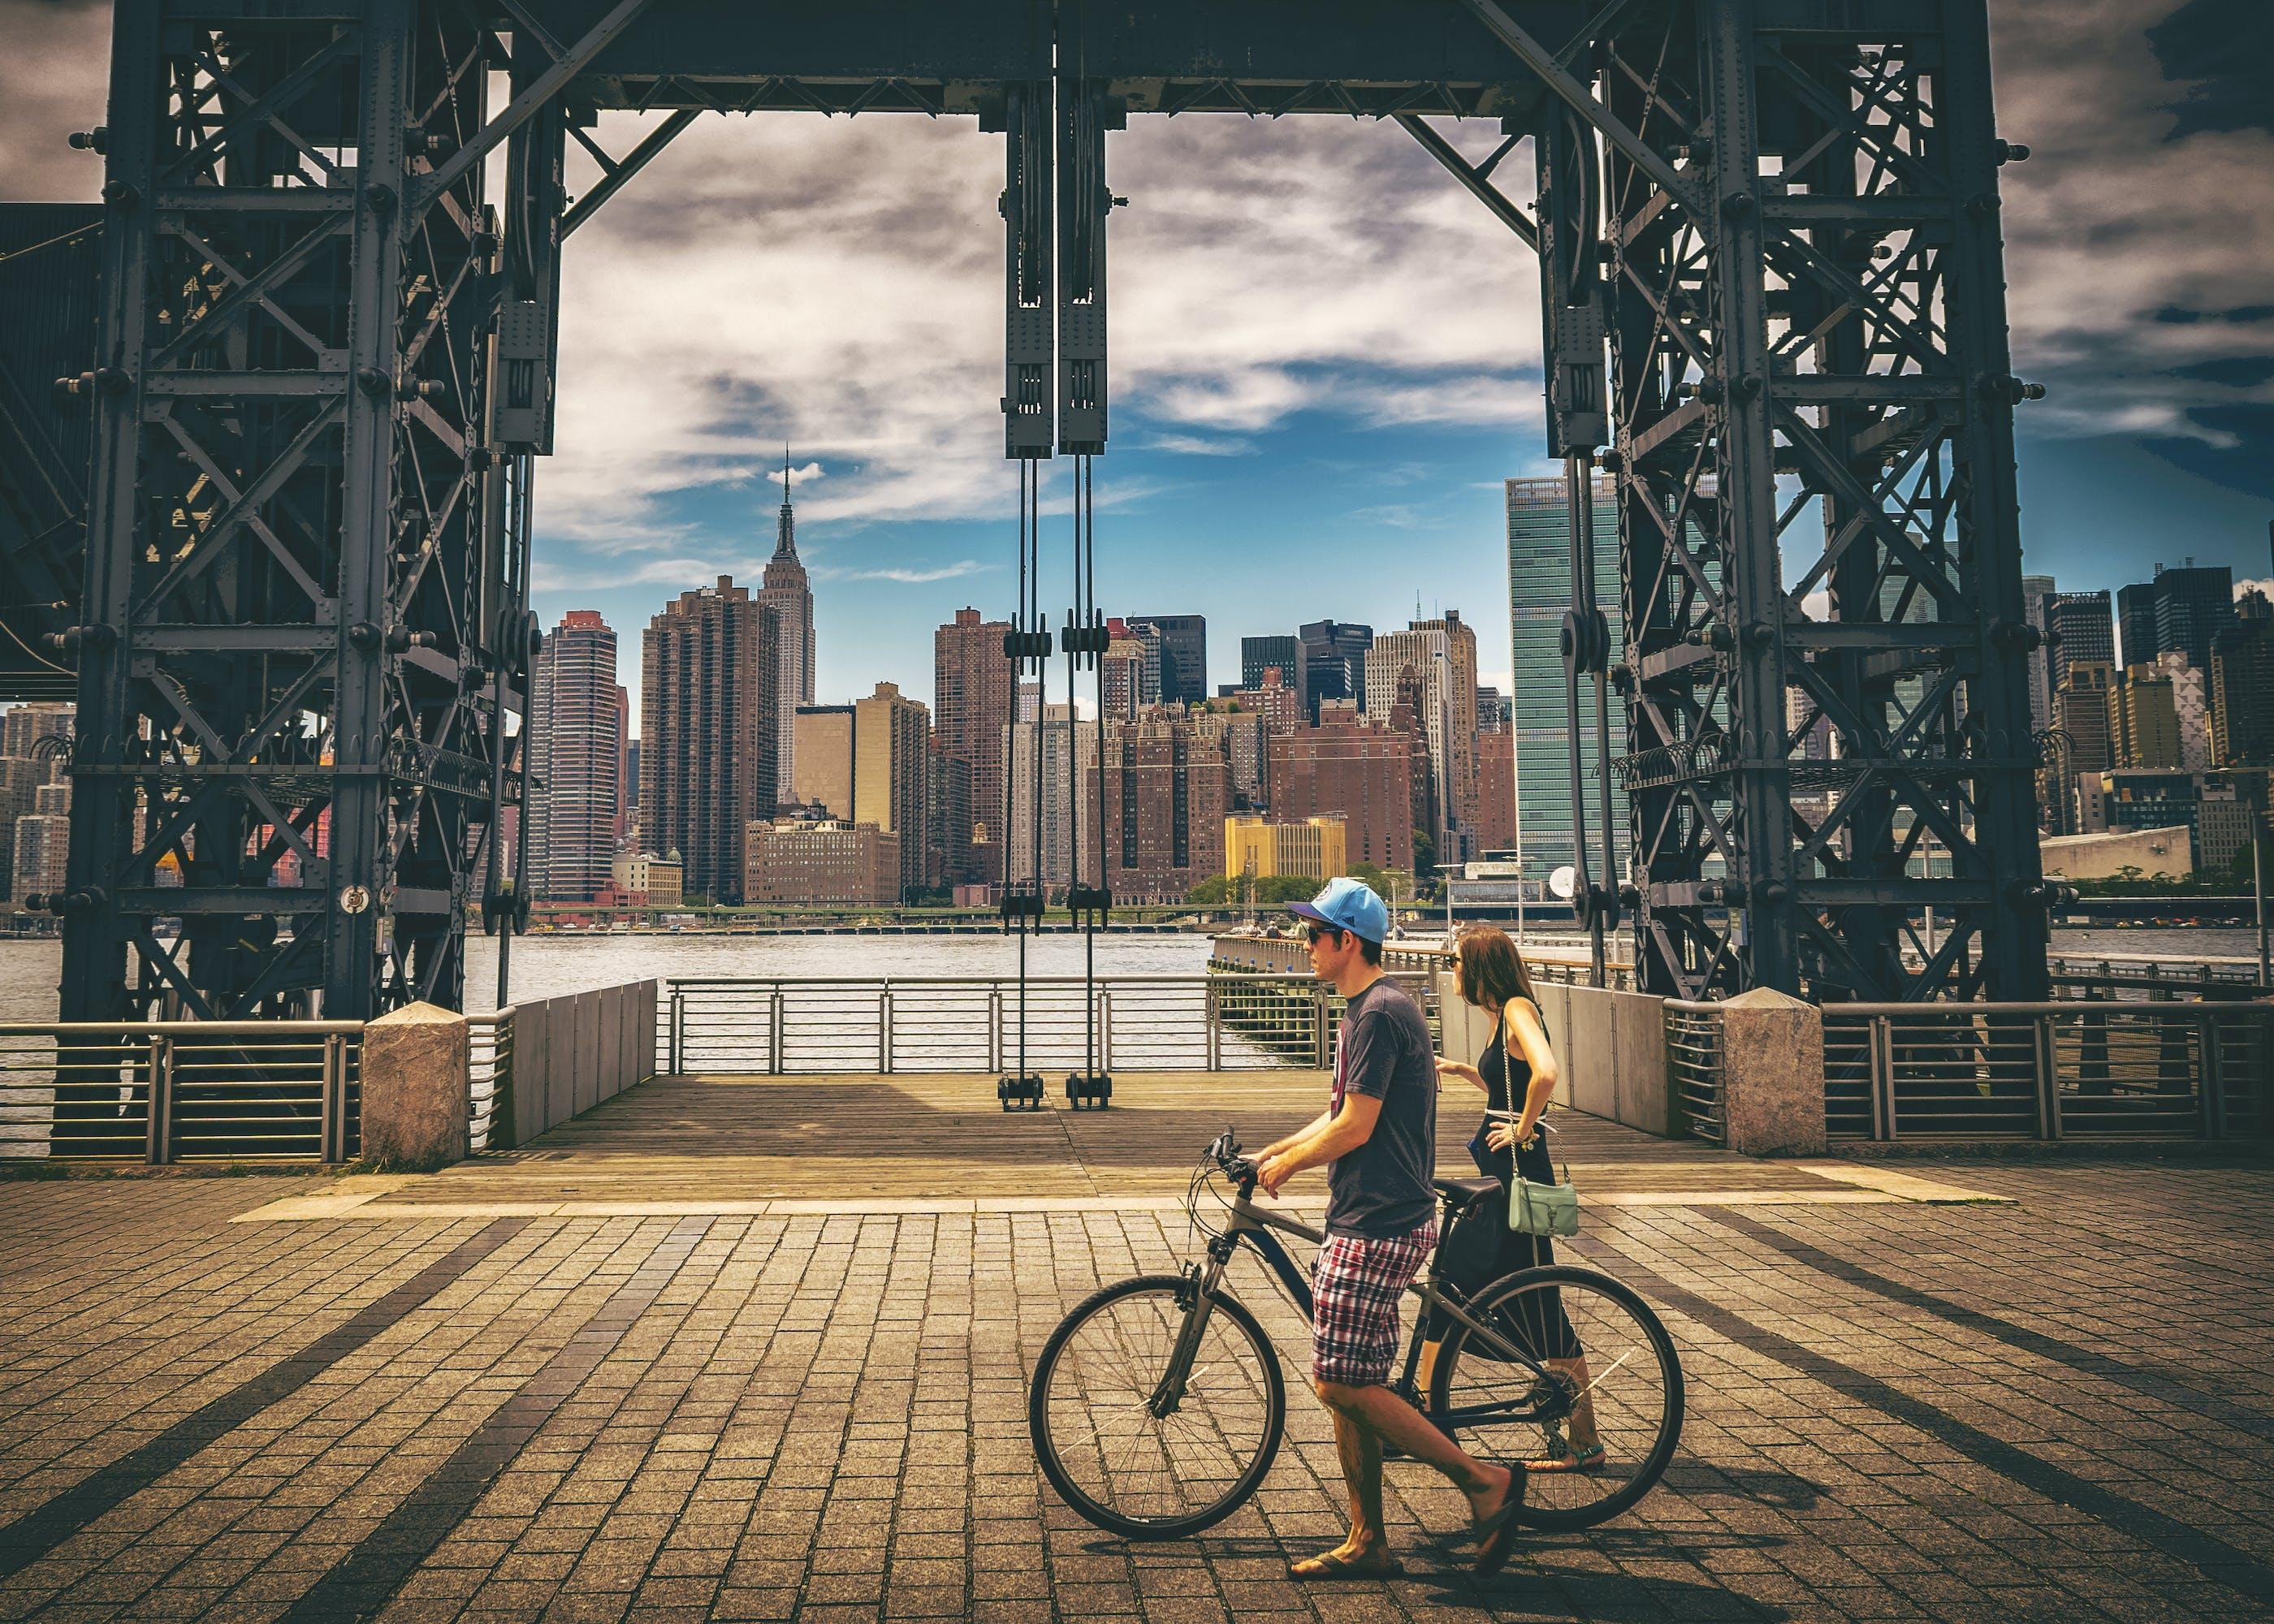 ガントリーパーク, シティービュー, スカイライン, マンハッタンの無料の写真素材